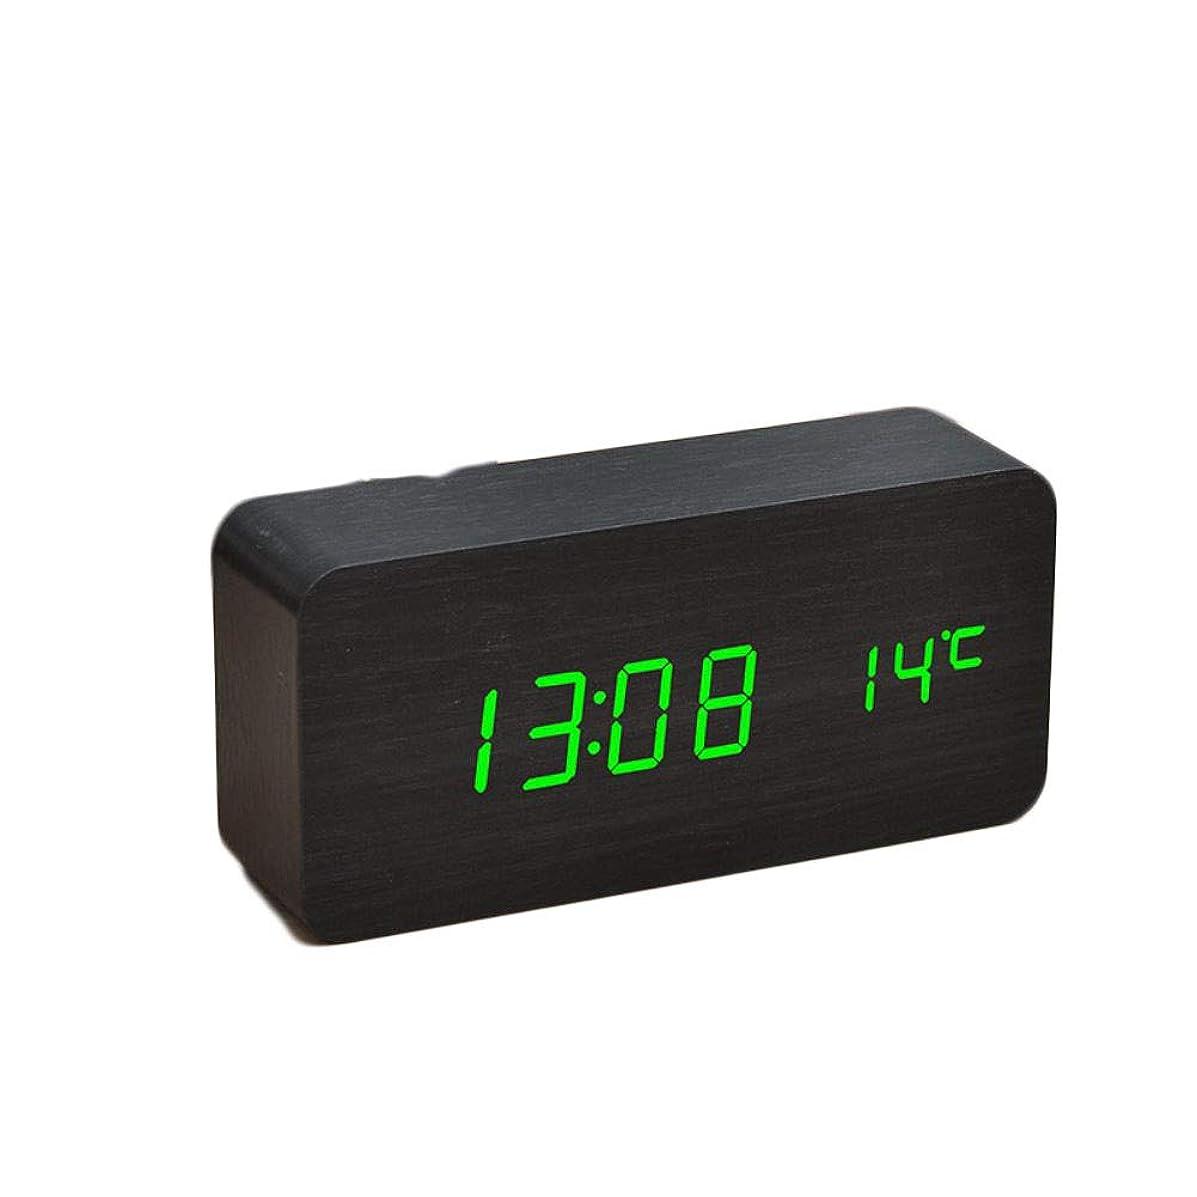 考古学カートフィルタ木製の学生湿度計枕元の目覚まし時計ミュートLED電子時計,黒木緑の単語